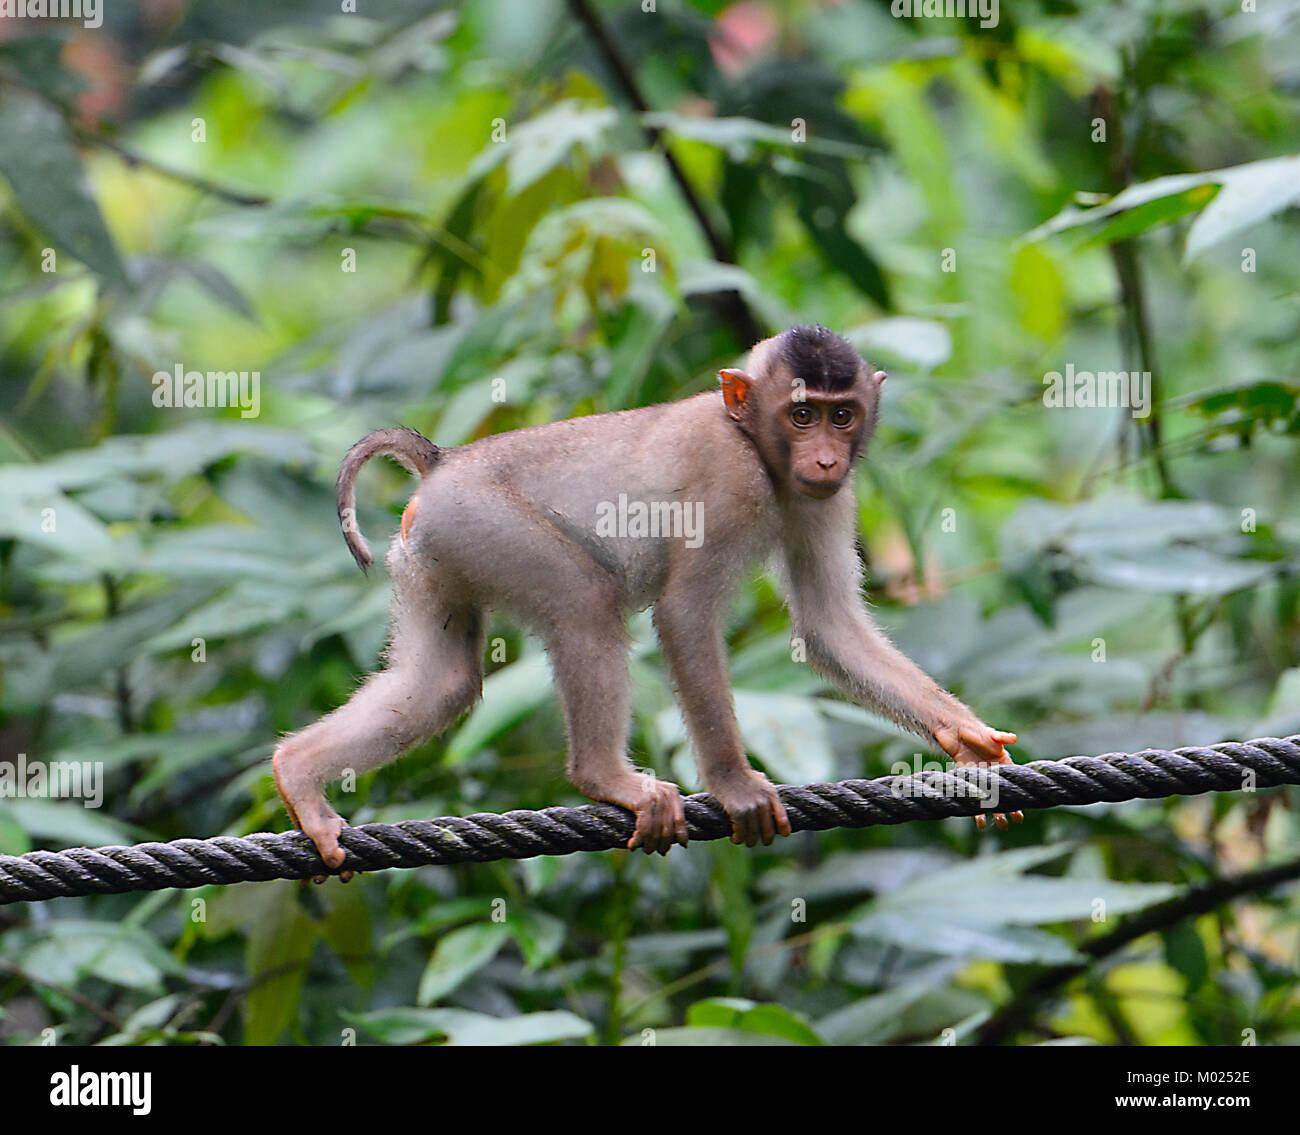 Southern Pig-tailed Macaque (Macaca nemestrina), Sepilok Orangutan Rehabilitation Centre, Borneo, Sabah, Malaysia - Stock Image